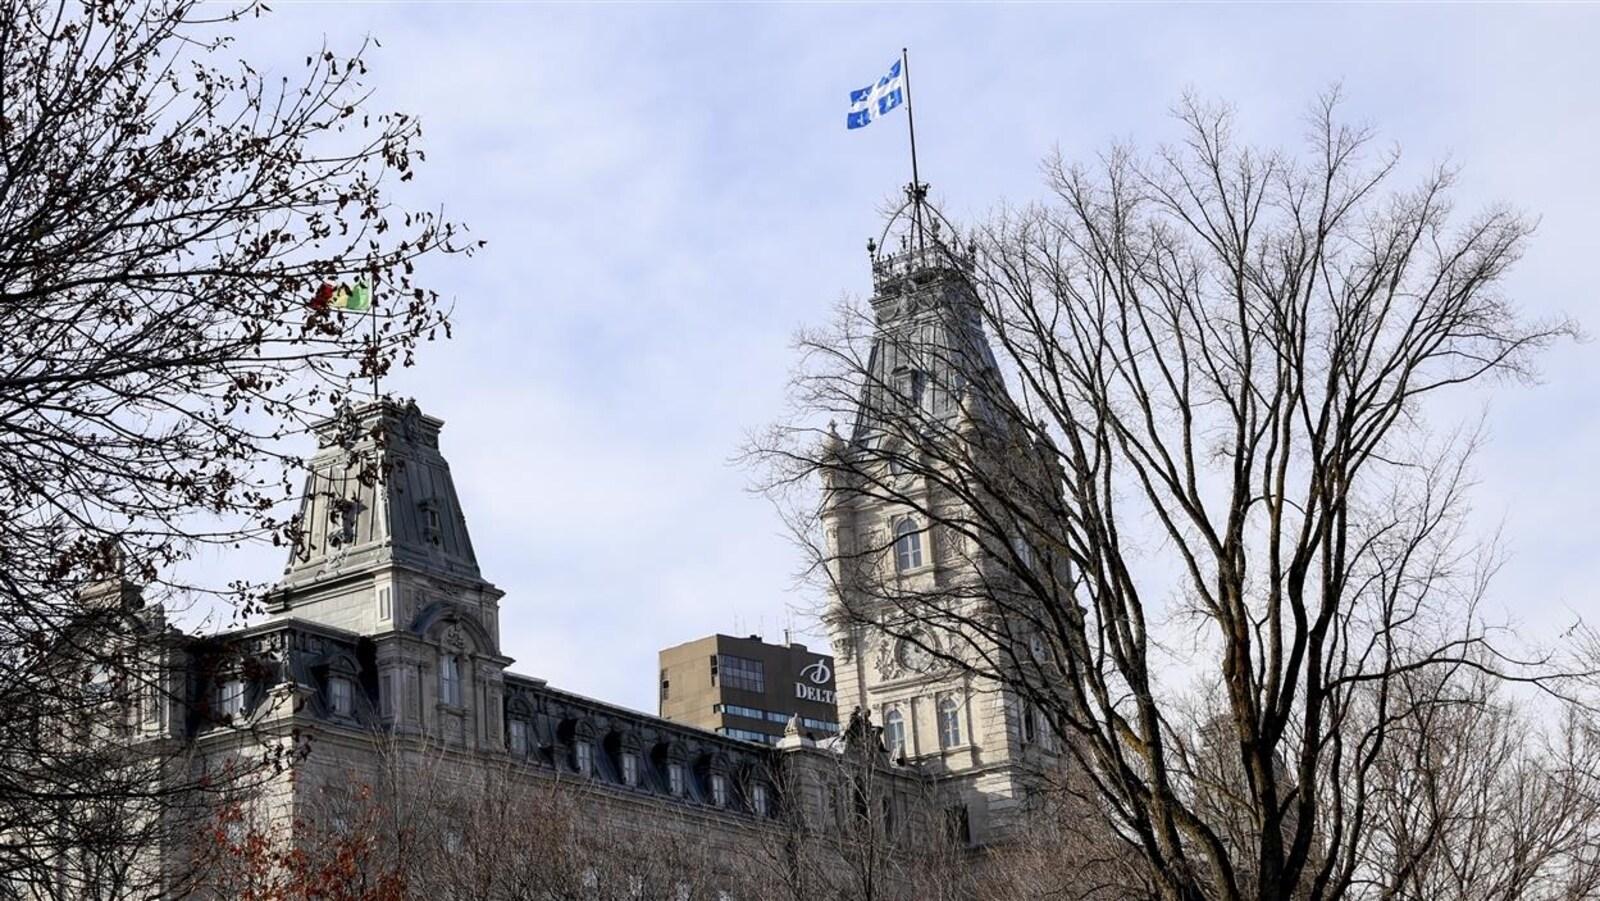 L'édifice du Parlement, siège de l'Assemblée nationale du Québec, dans un décor d'automne